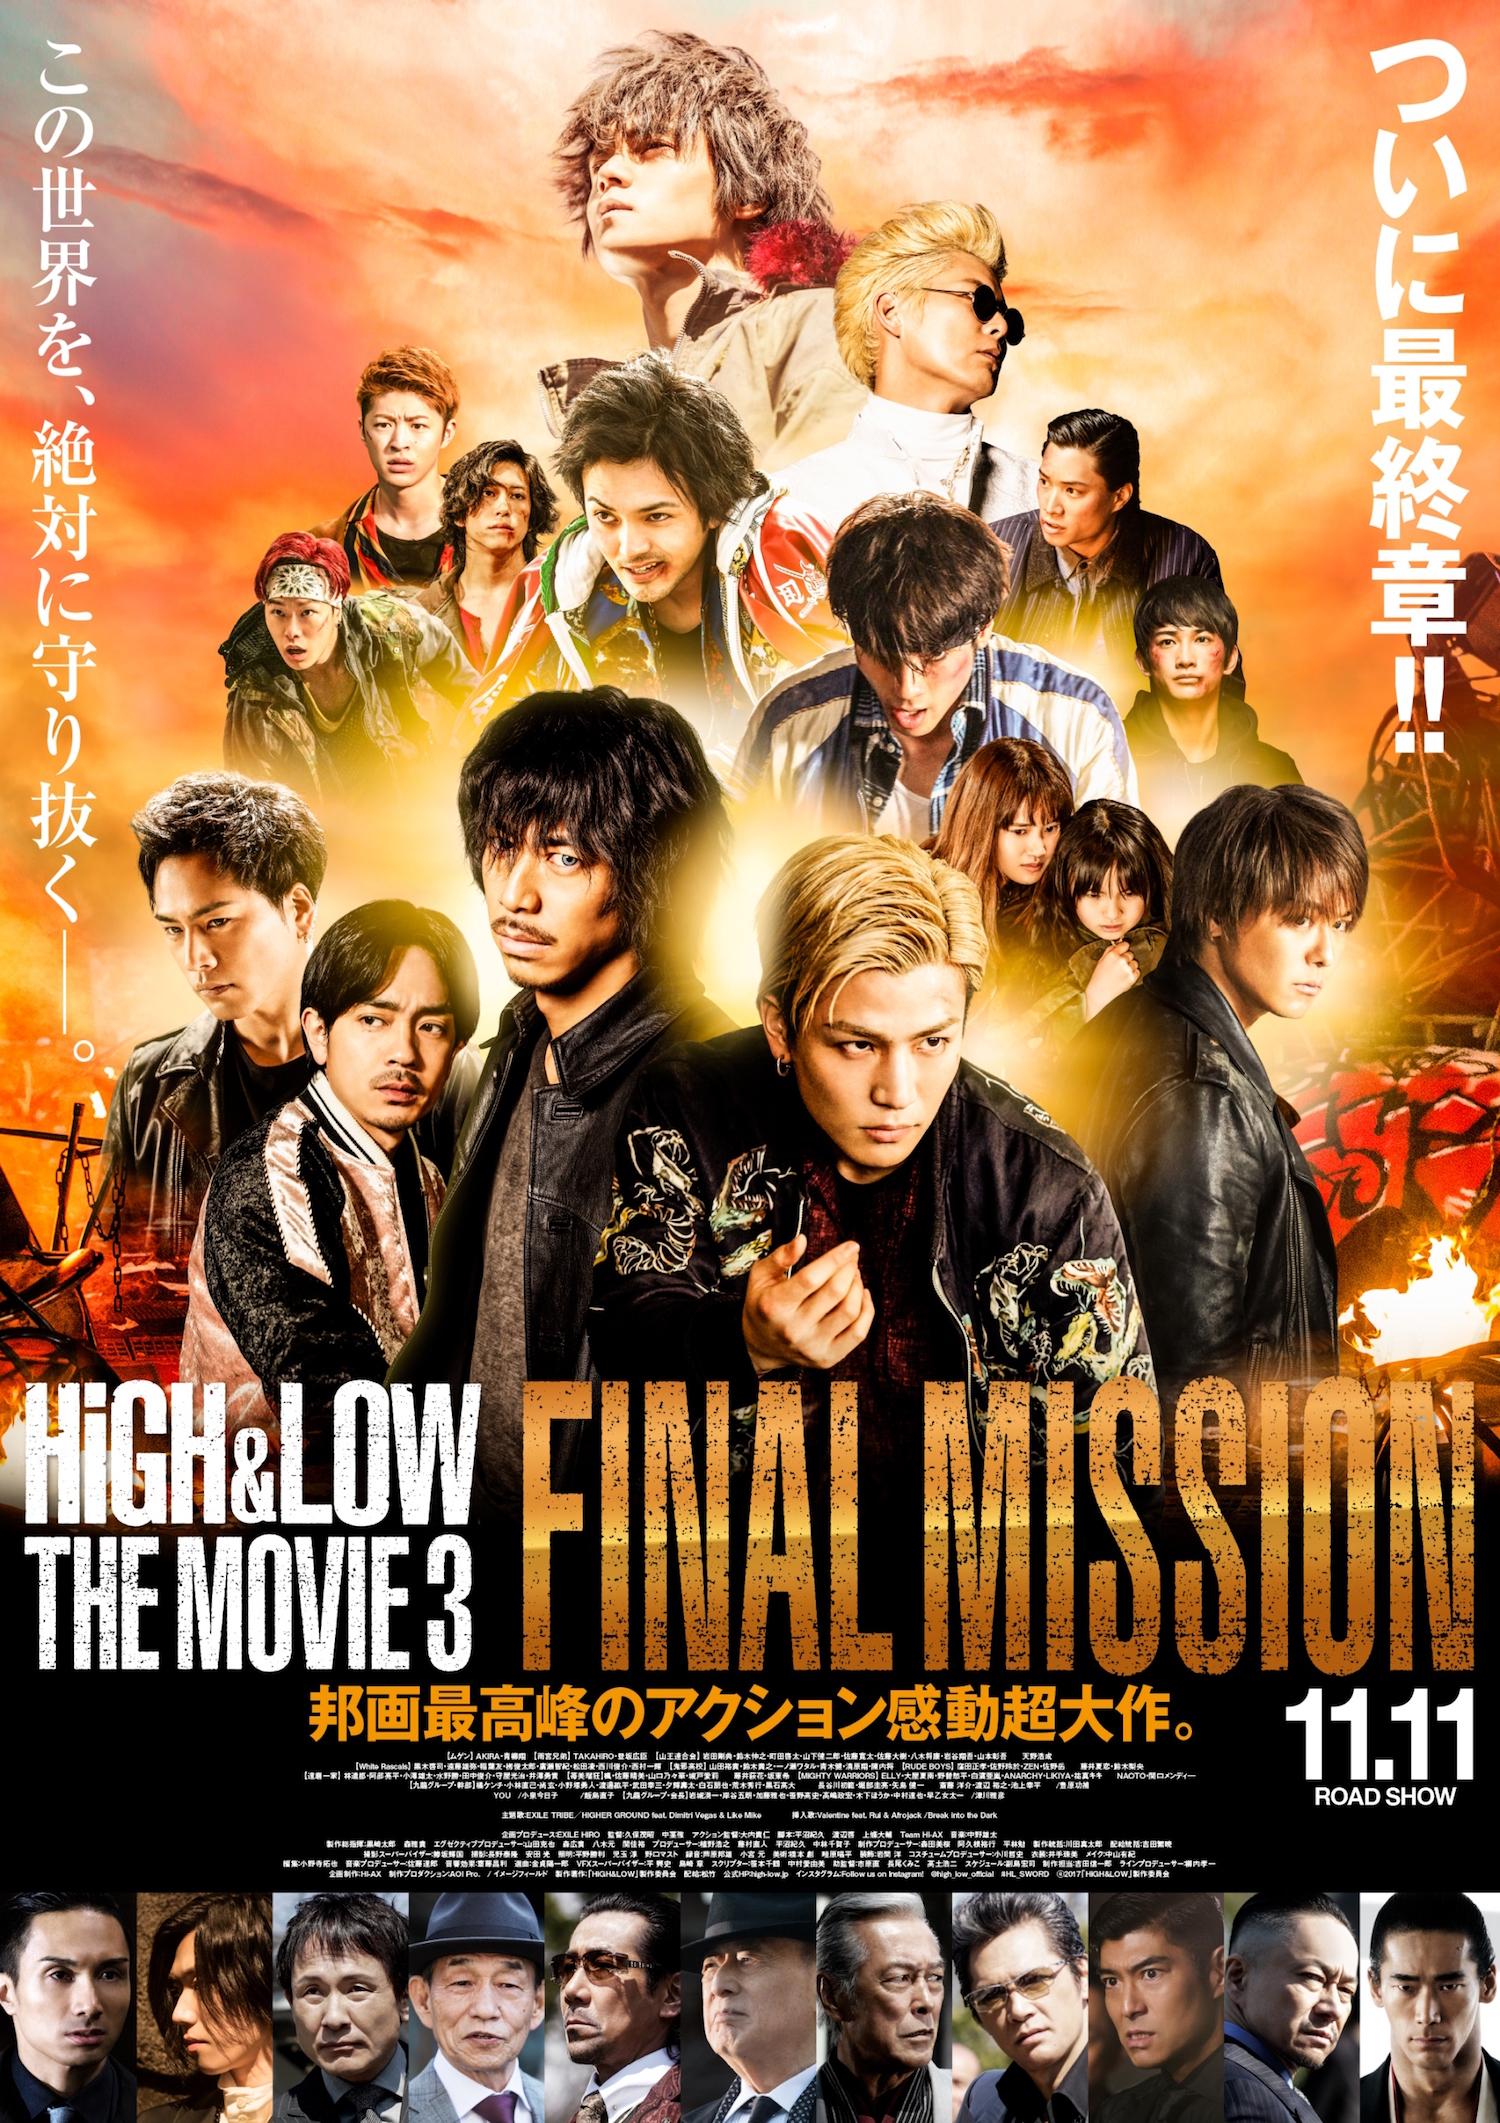 映画「HiGH&LOW THE MOVIE 3 / FINAL MISSION」の興行収入10億円突破でシリーズ4作連続の快挙